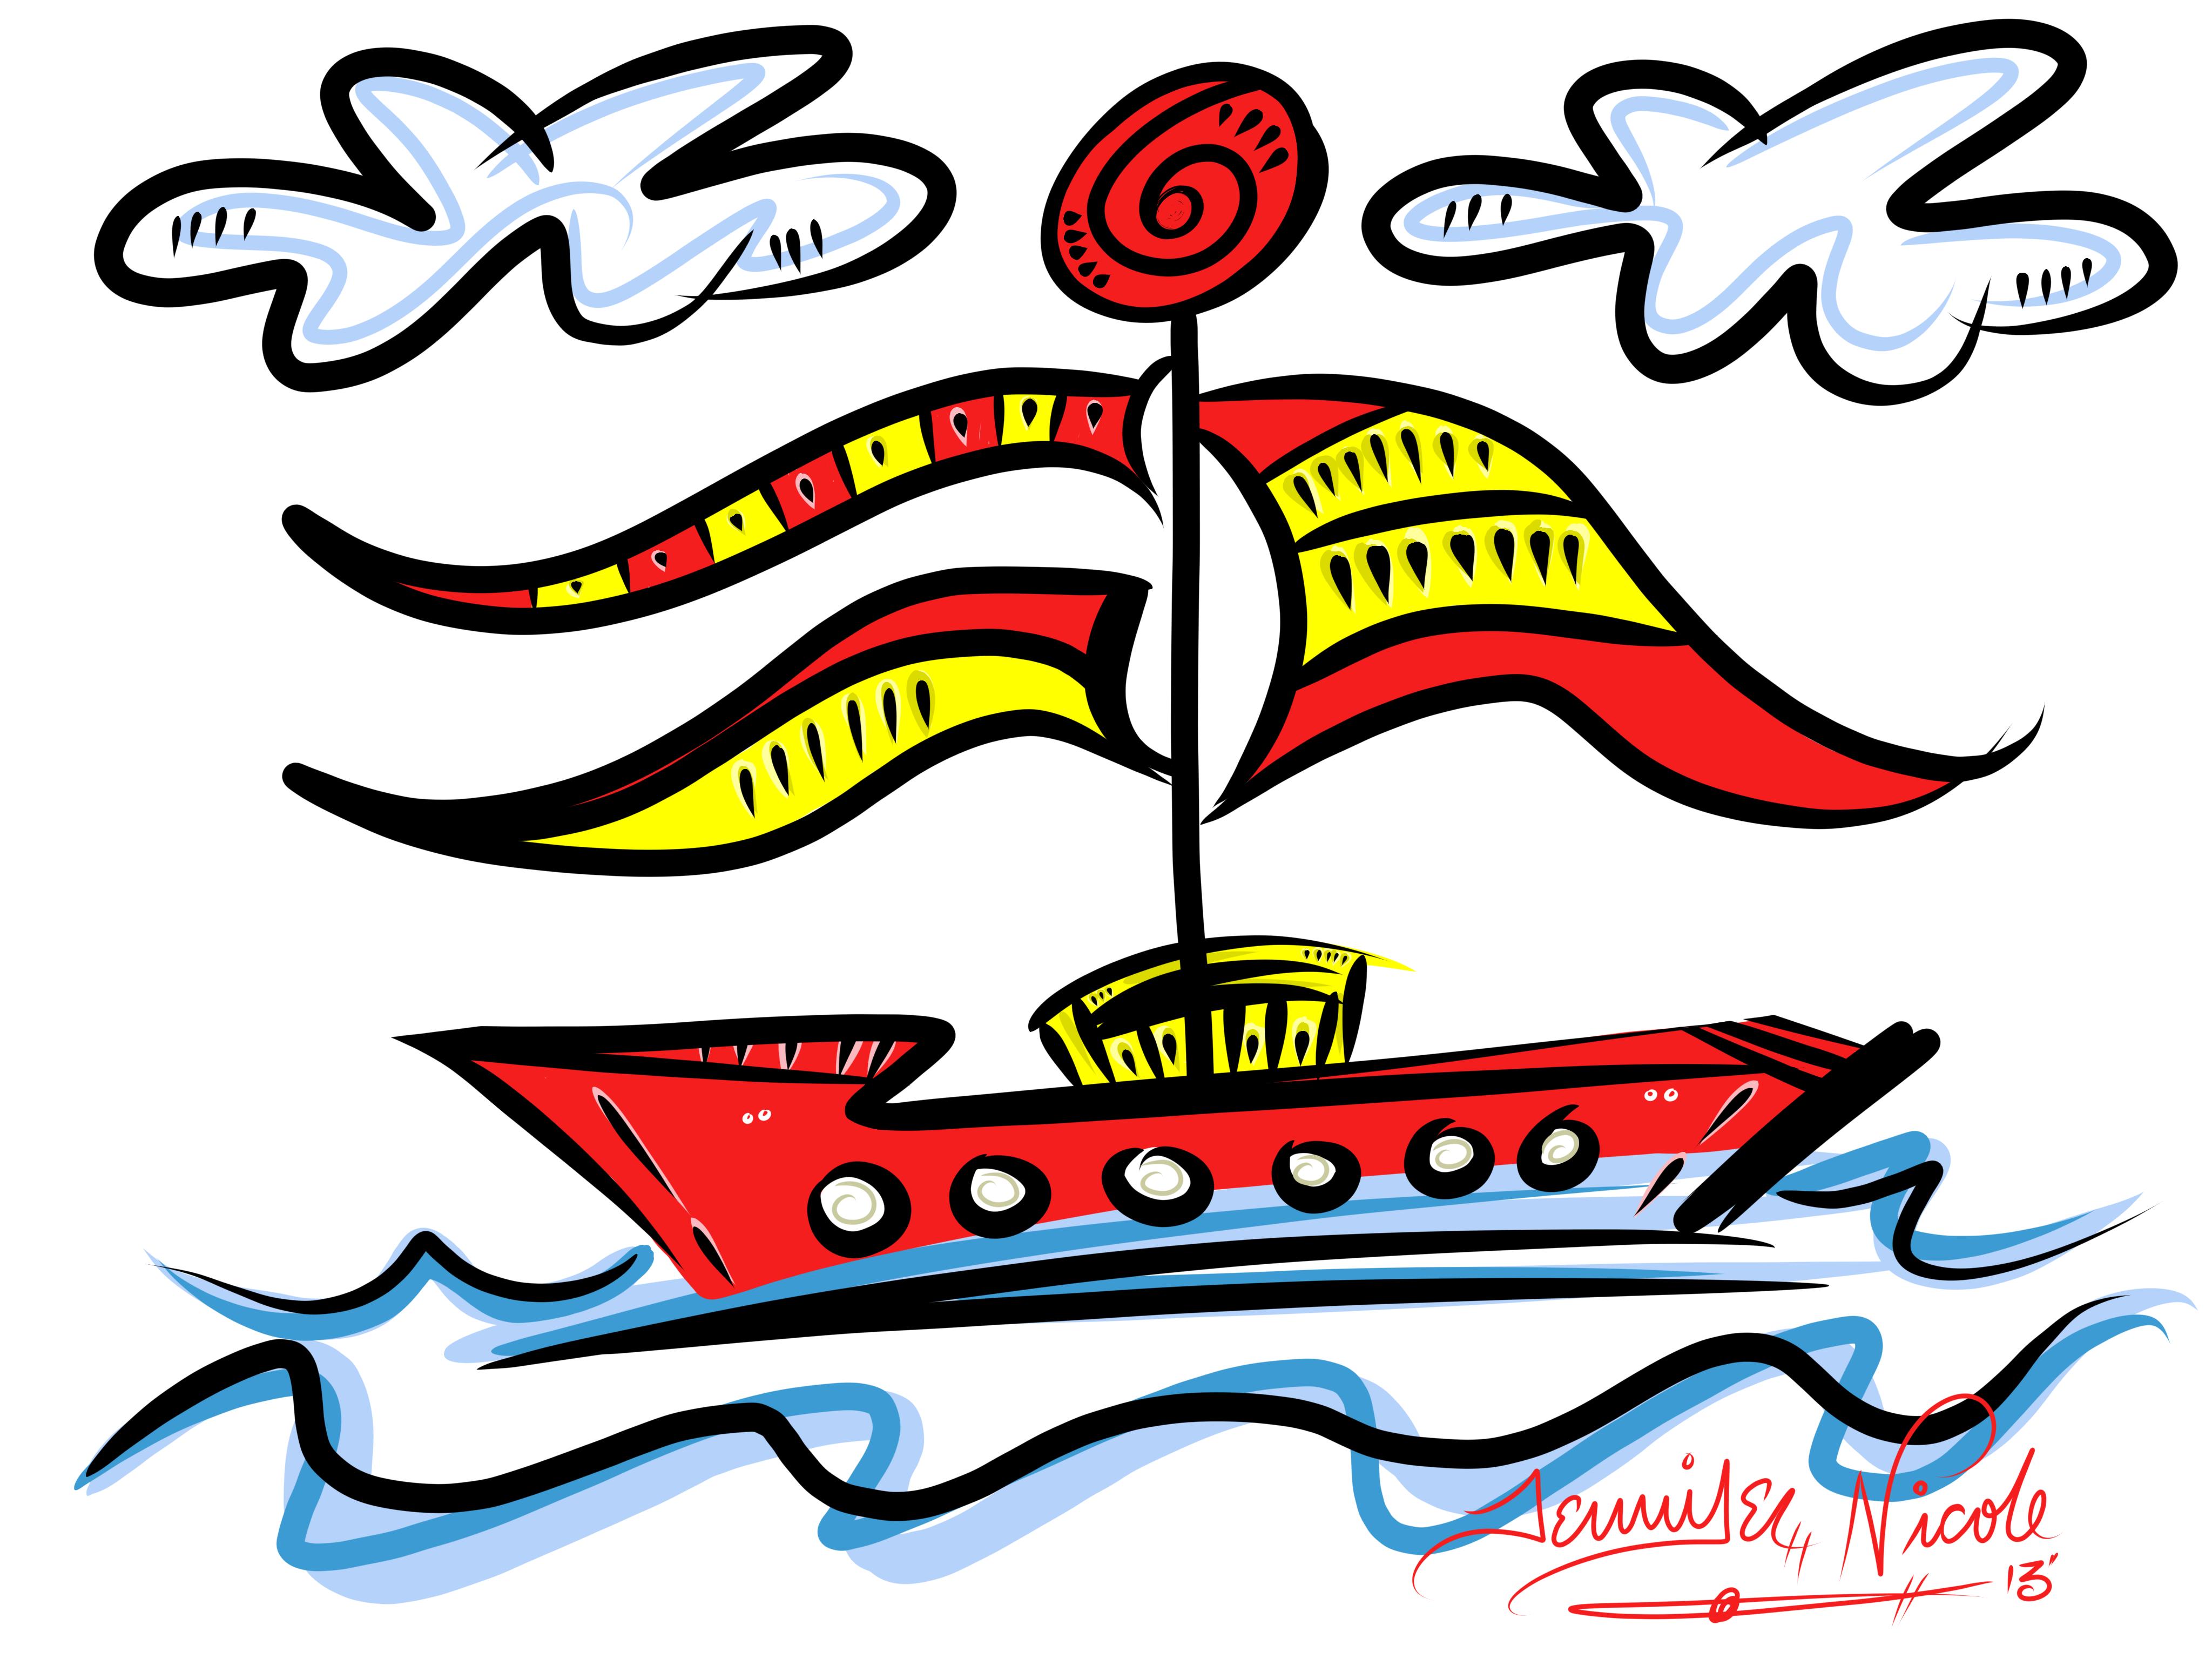 1-8-13 Boat